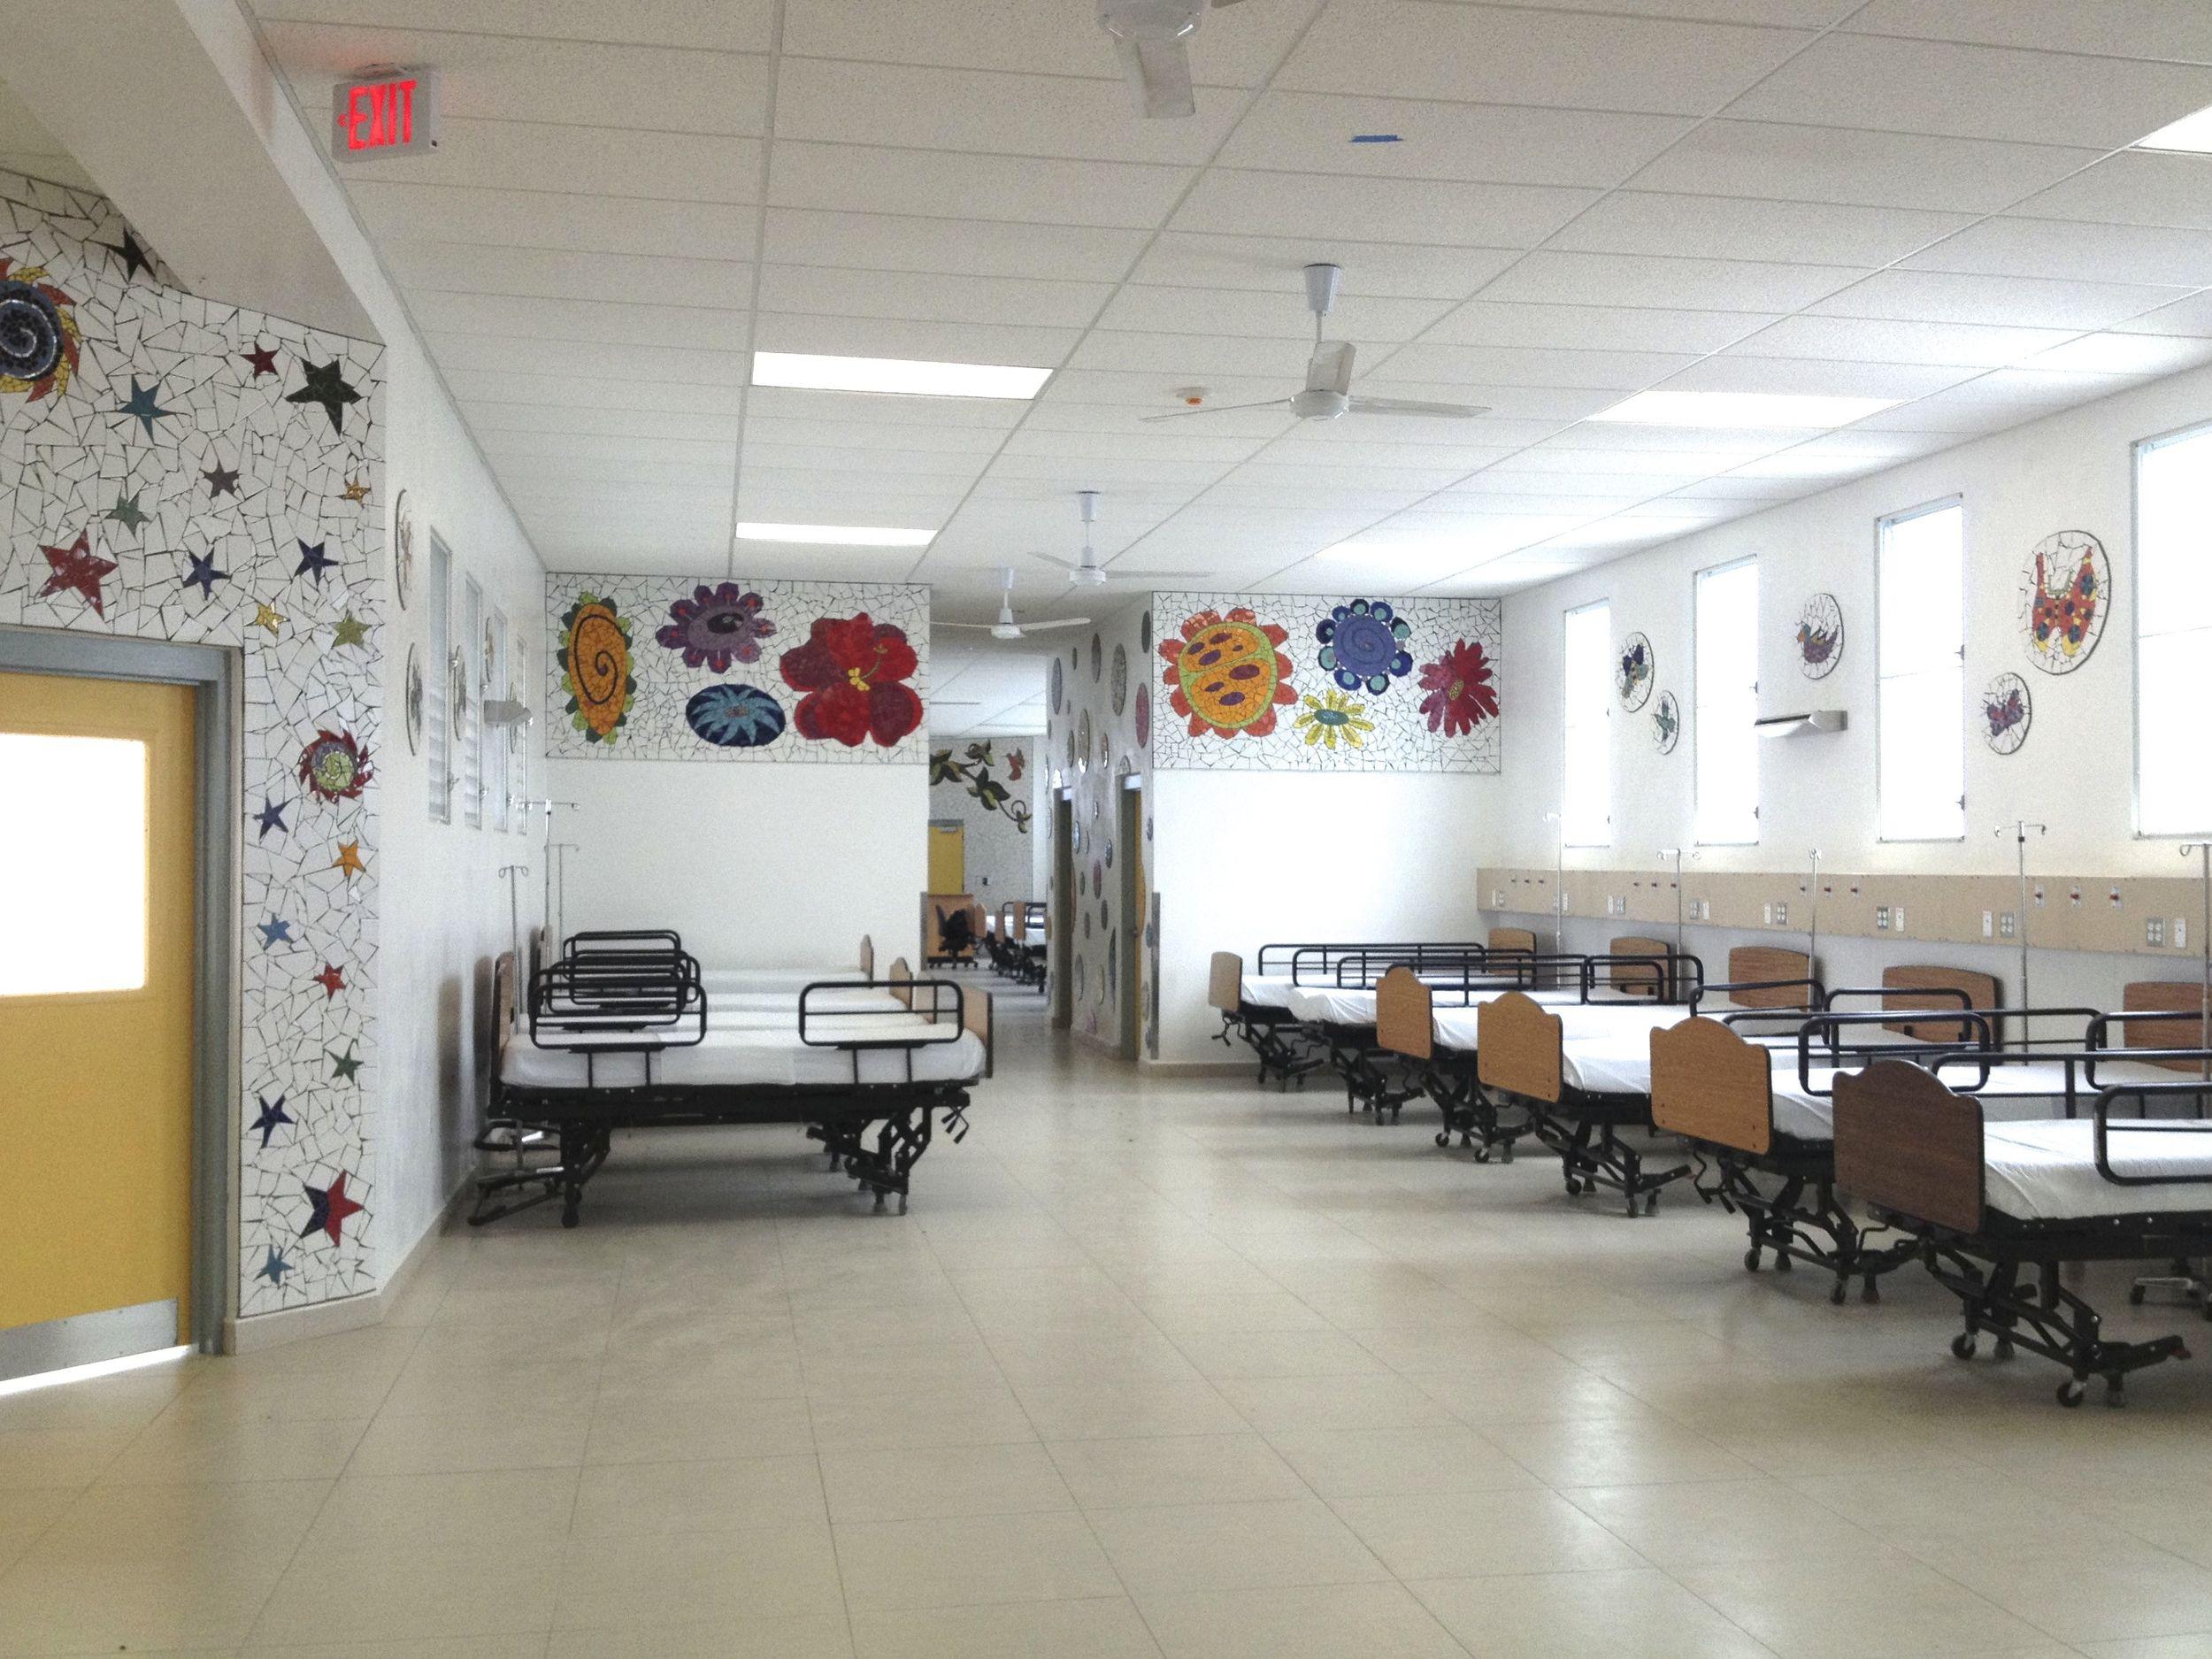 Pediatric Ward at Mirebalais Hospital